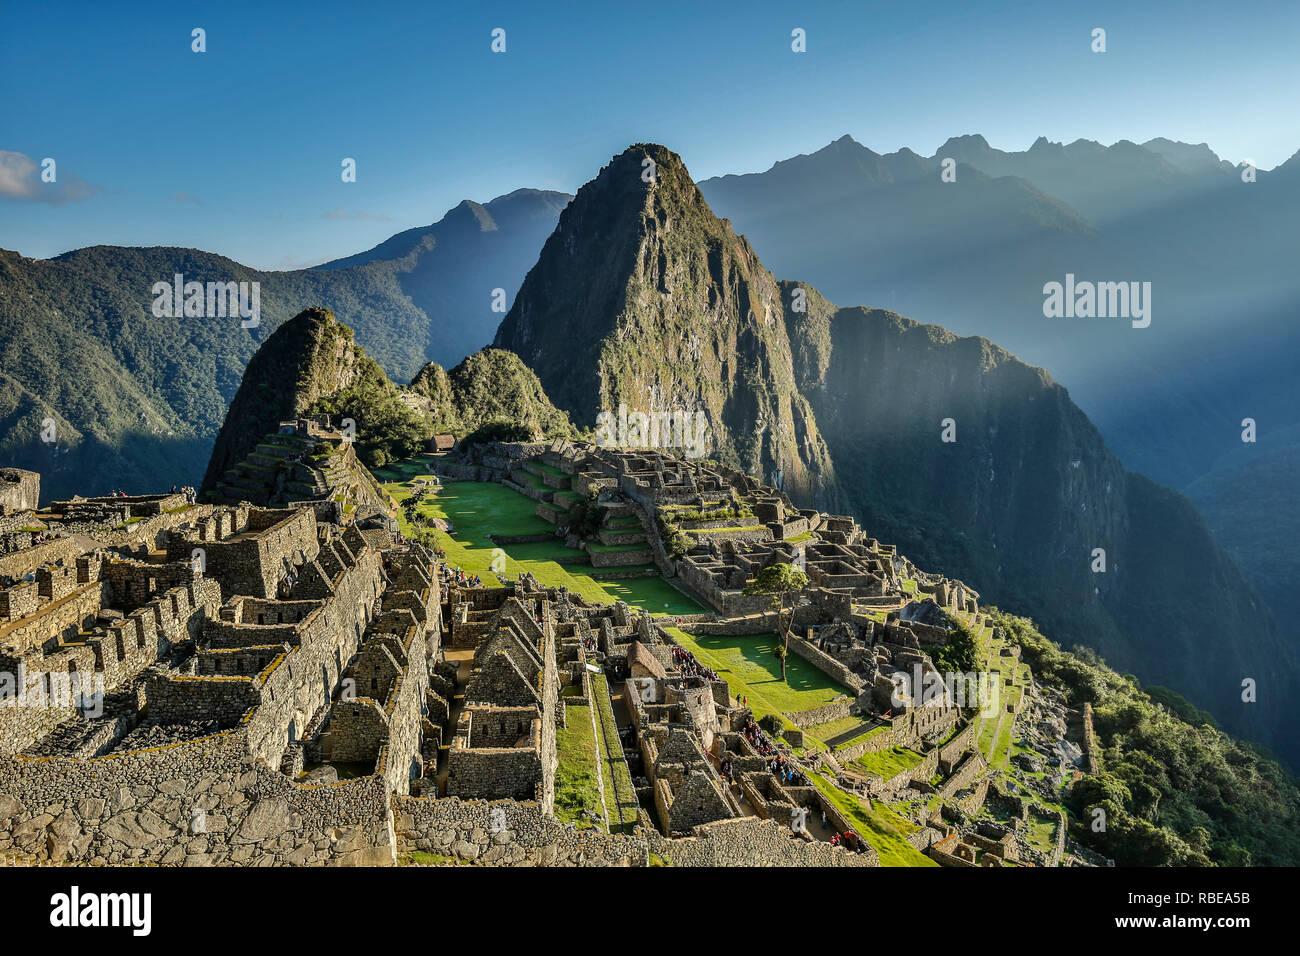 Inca citadel of Machu Picchu (Huayna Picchu peak in background), Cusco, Peru - Stock Image